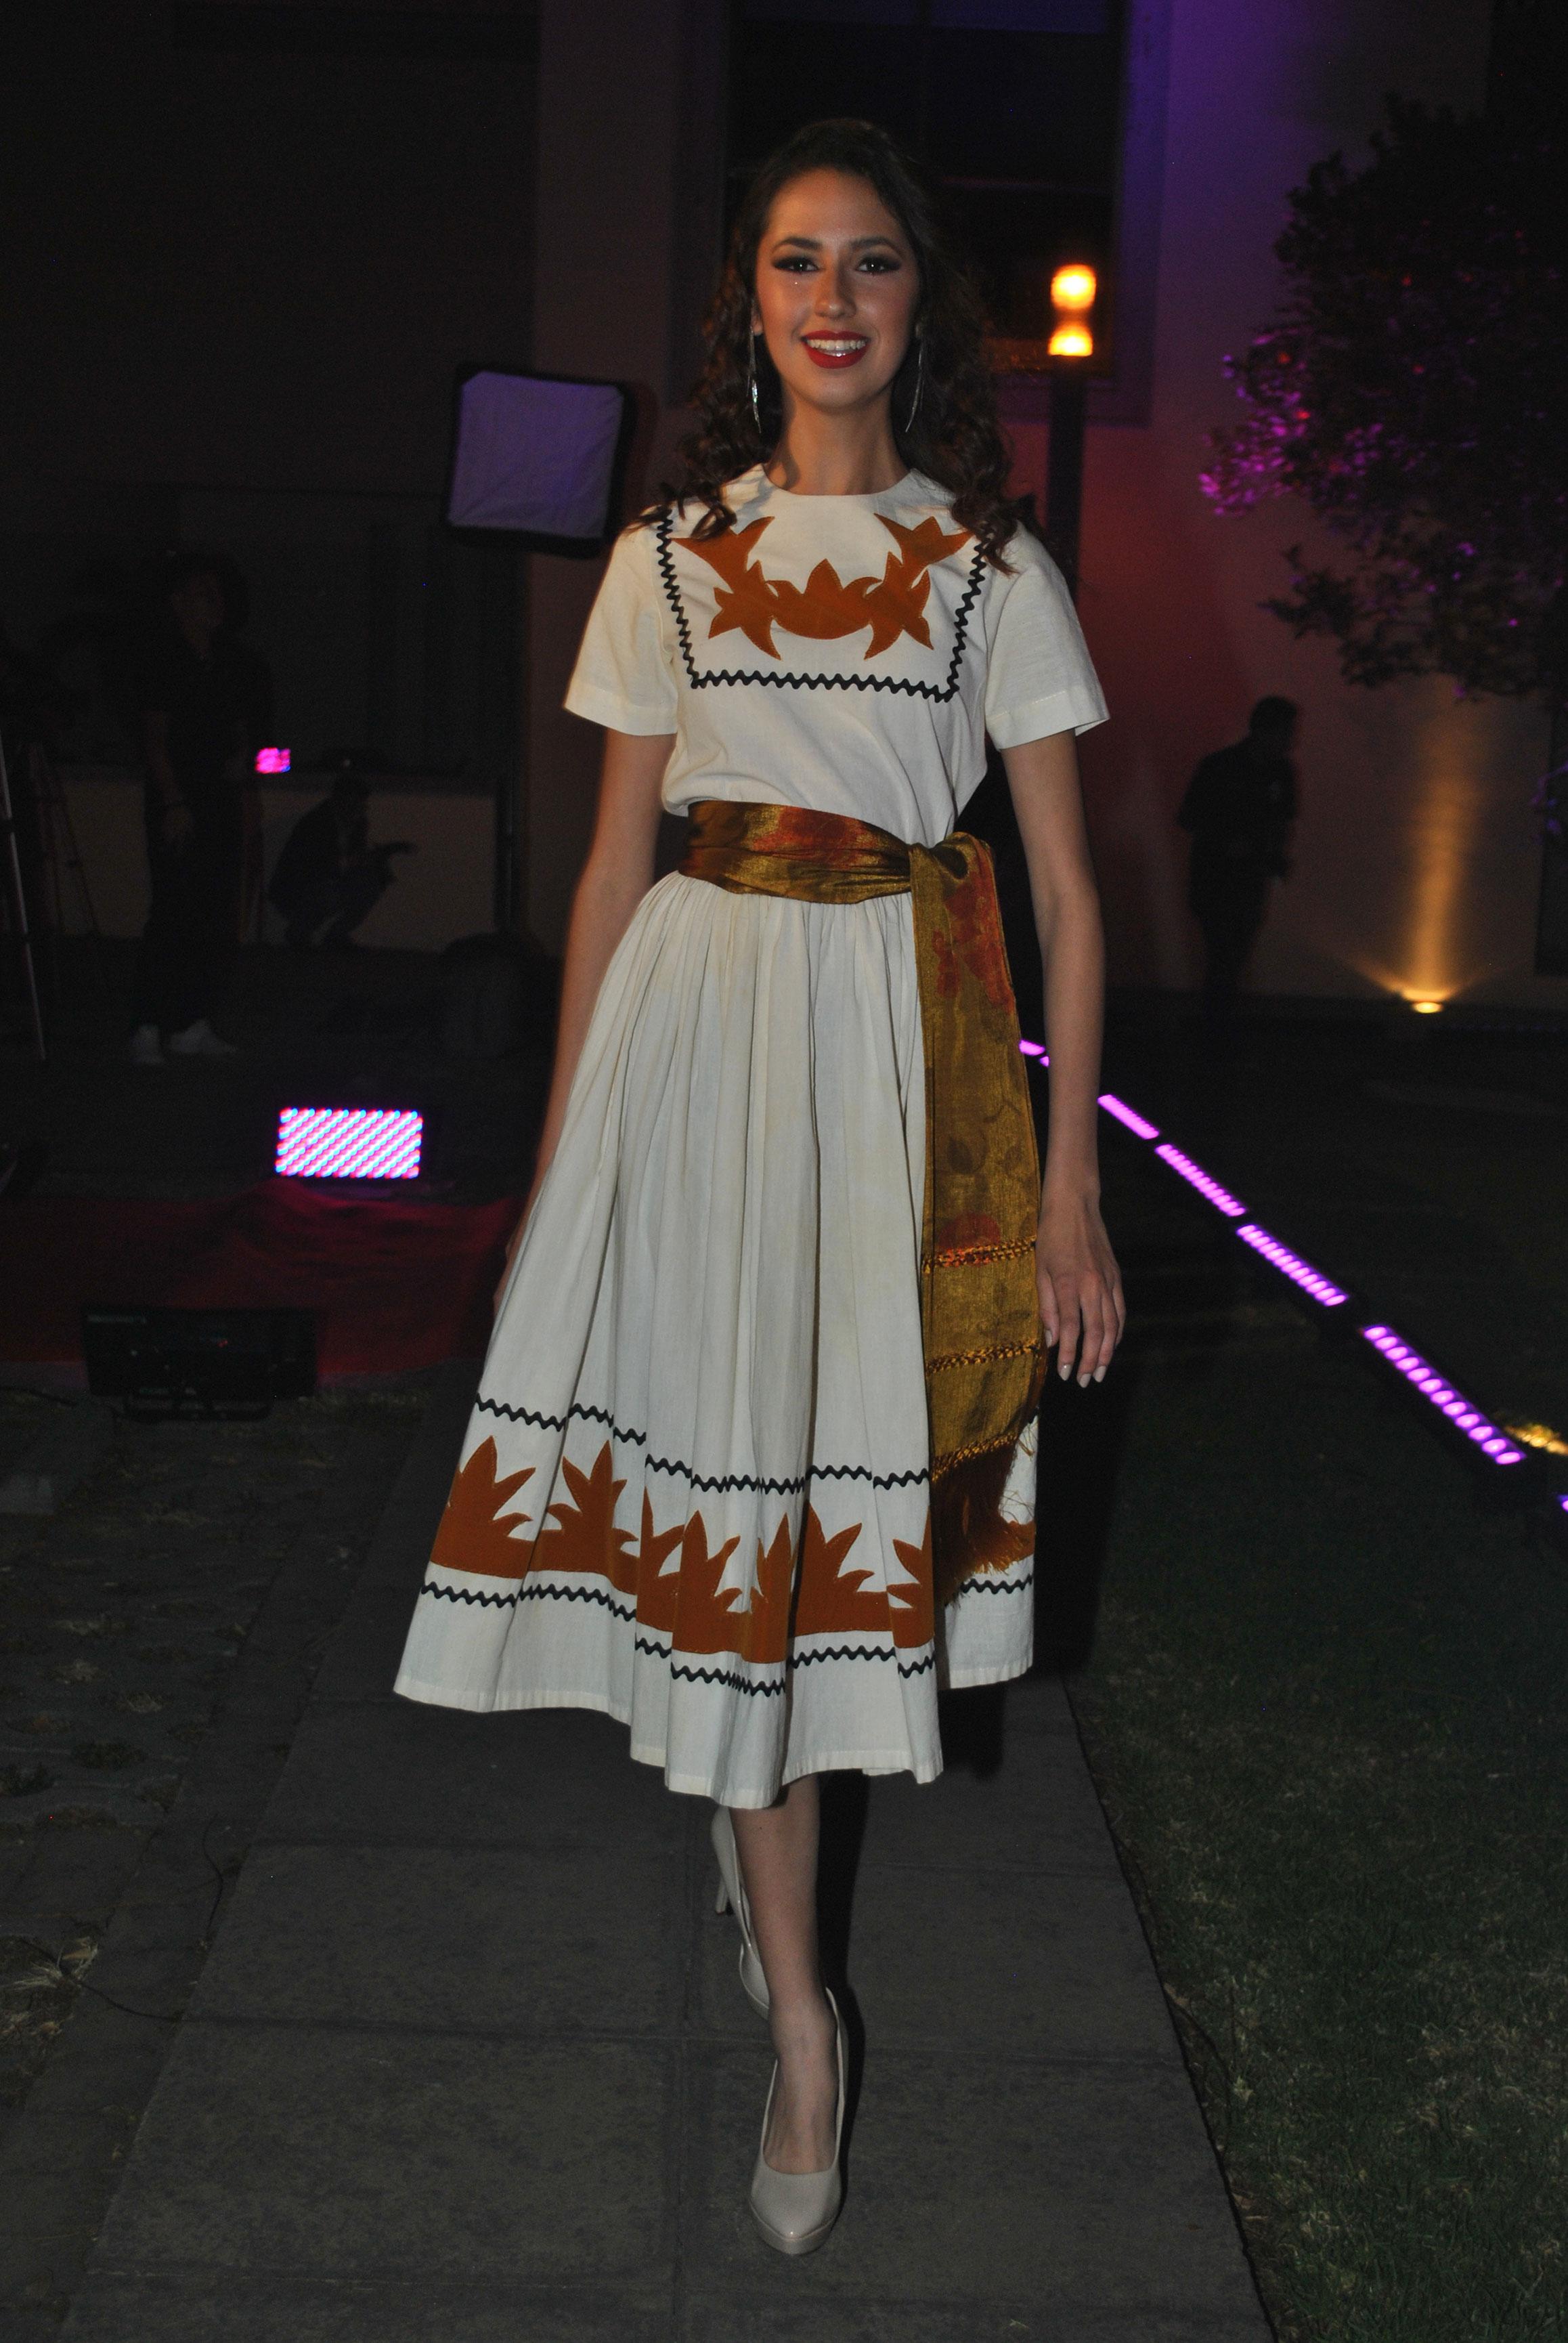 Fabiola de iztapalapa mexico haciendo rico oral - 4 8